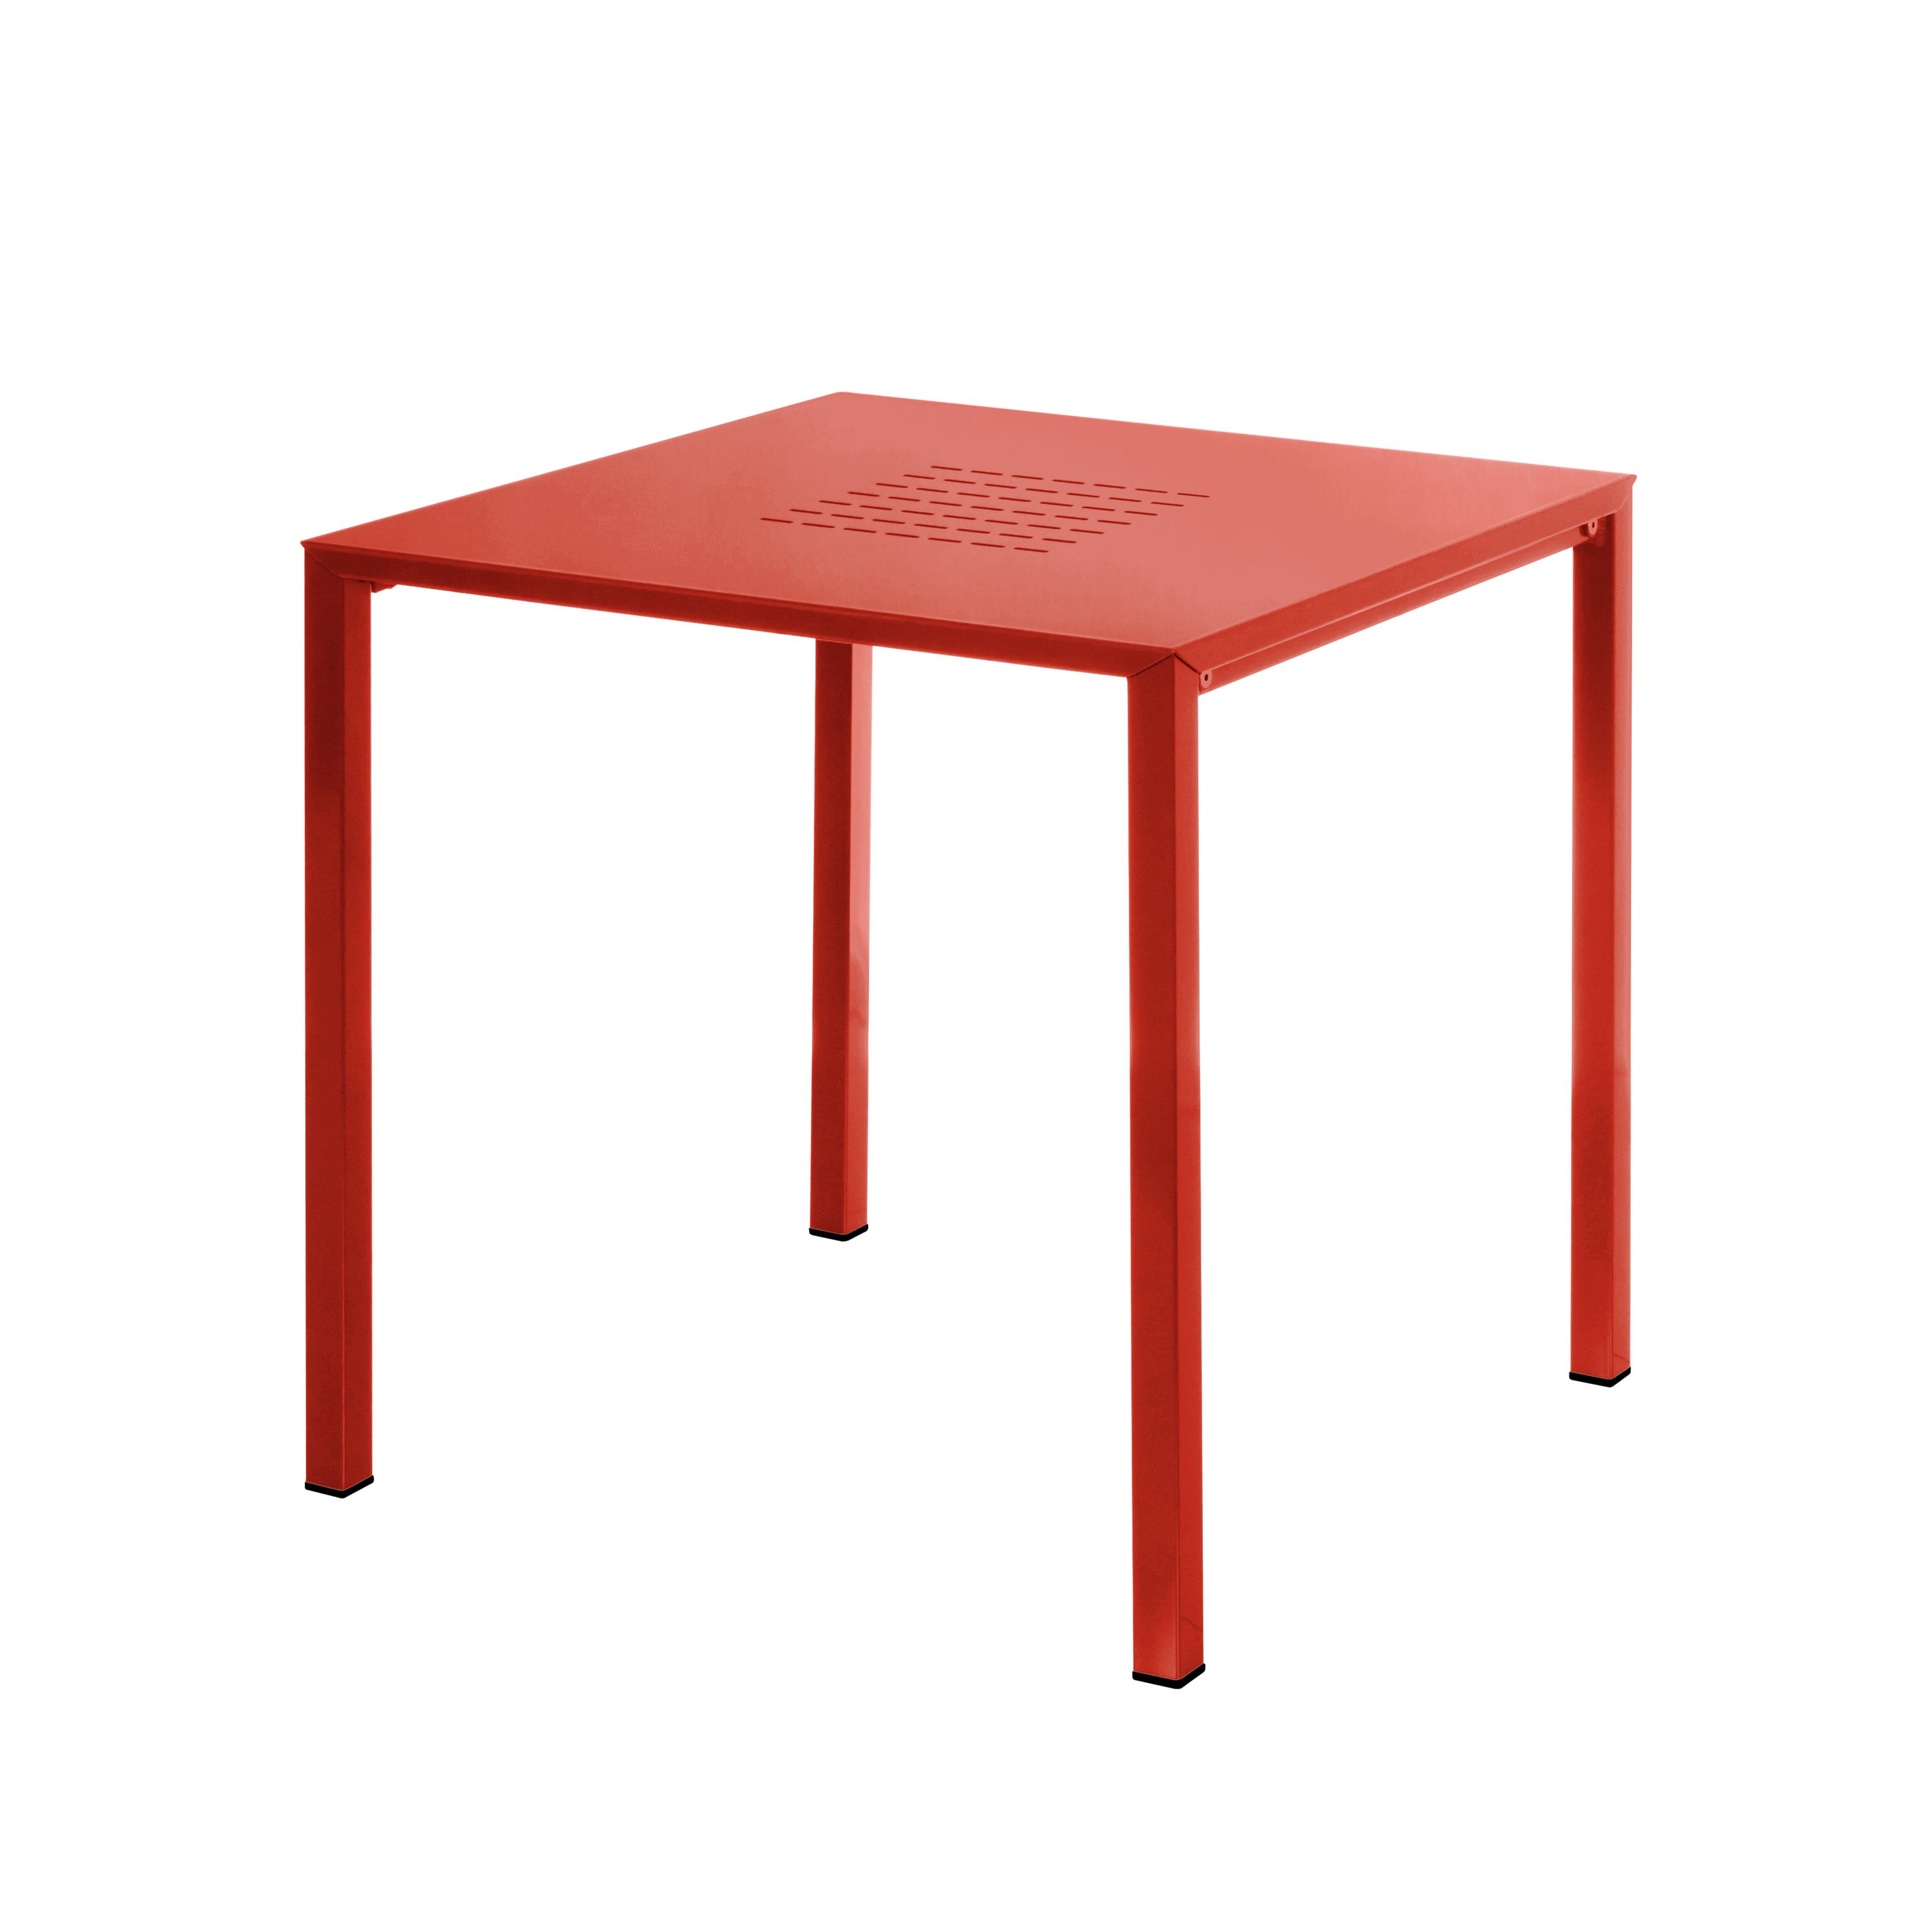 Ext rieur table achat vente de ext rieur pas cher for Table exterieur voltex